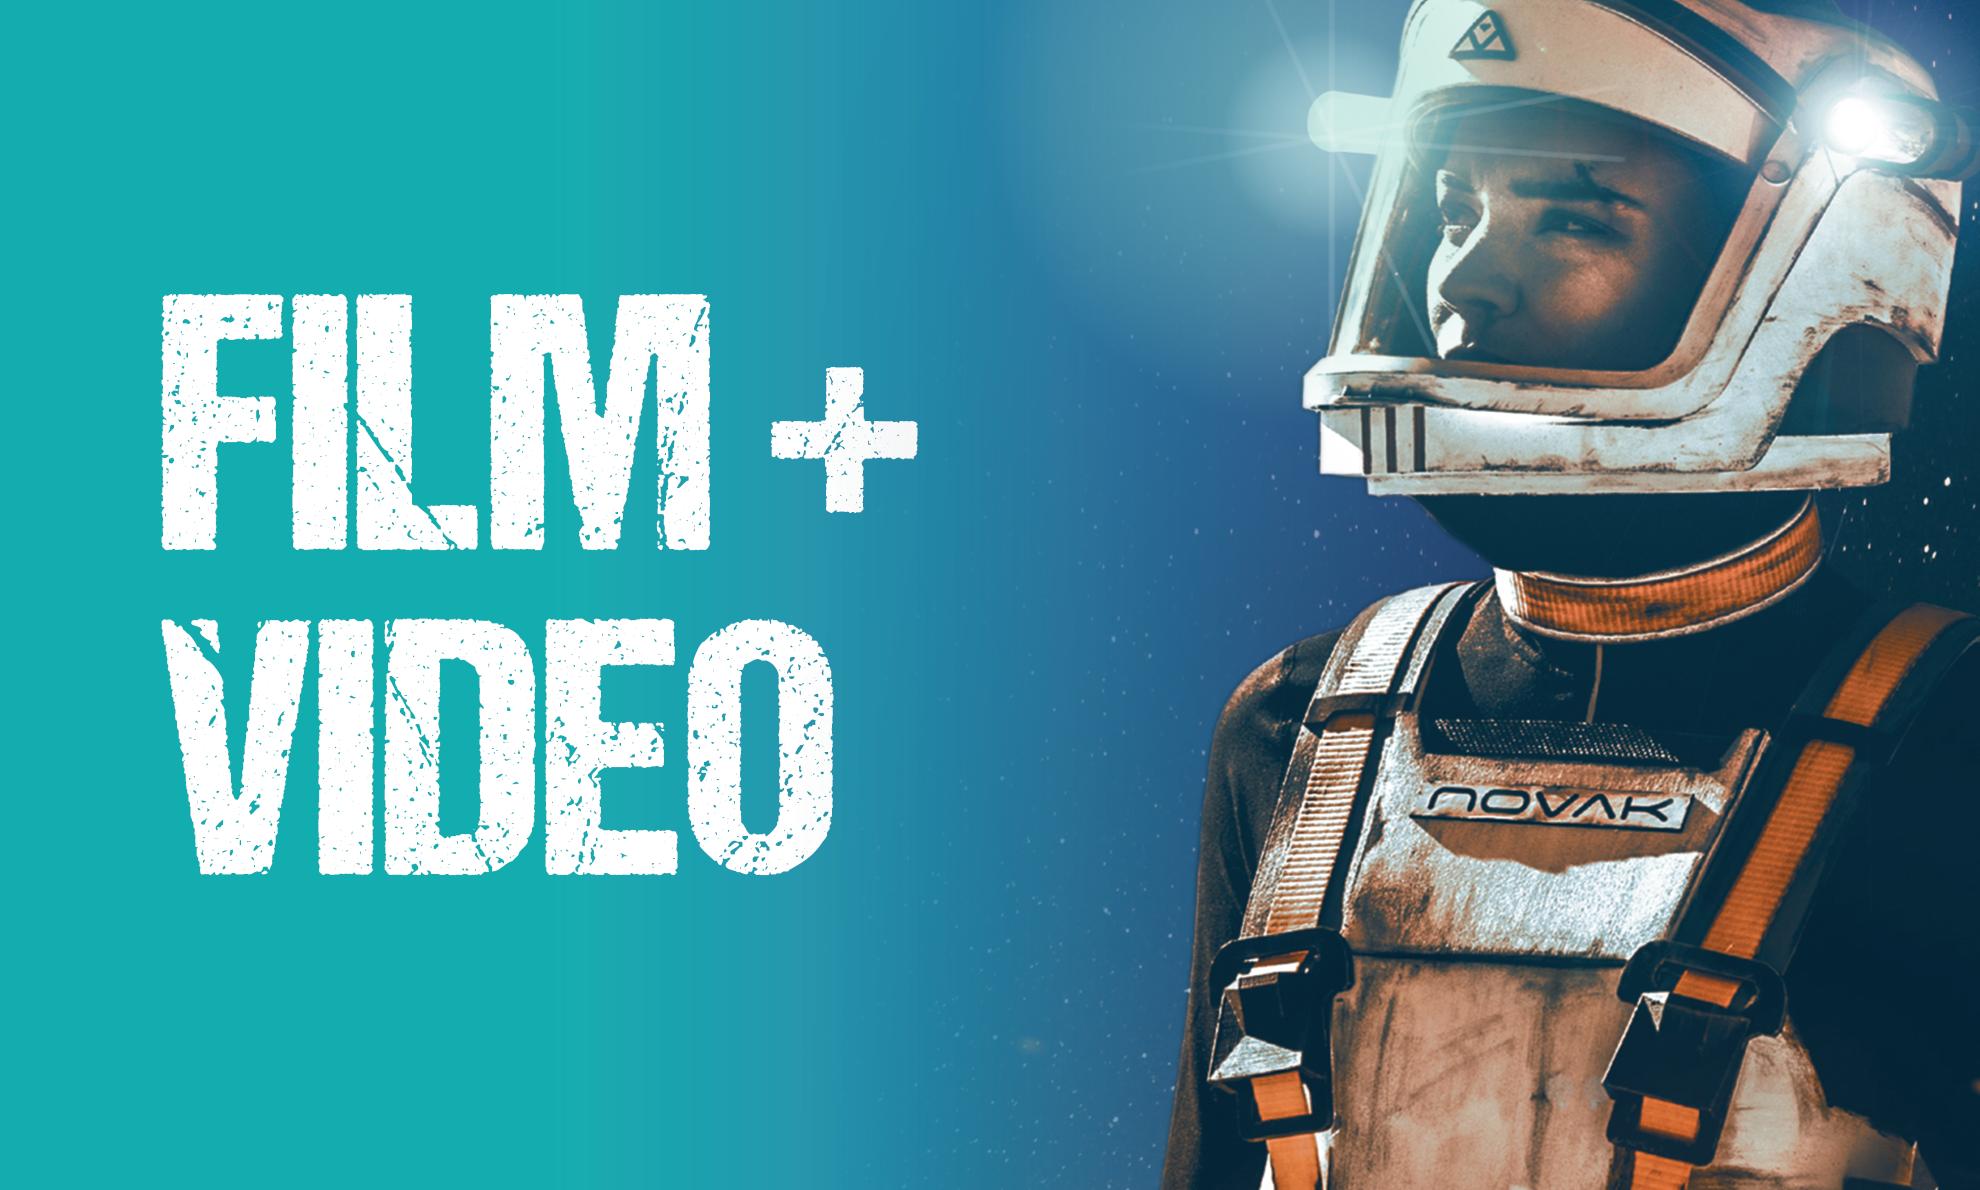 AIT-film-course-header